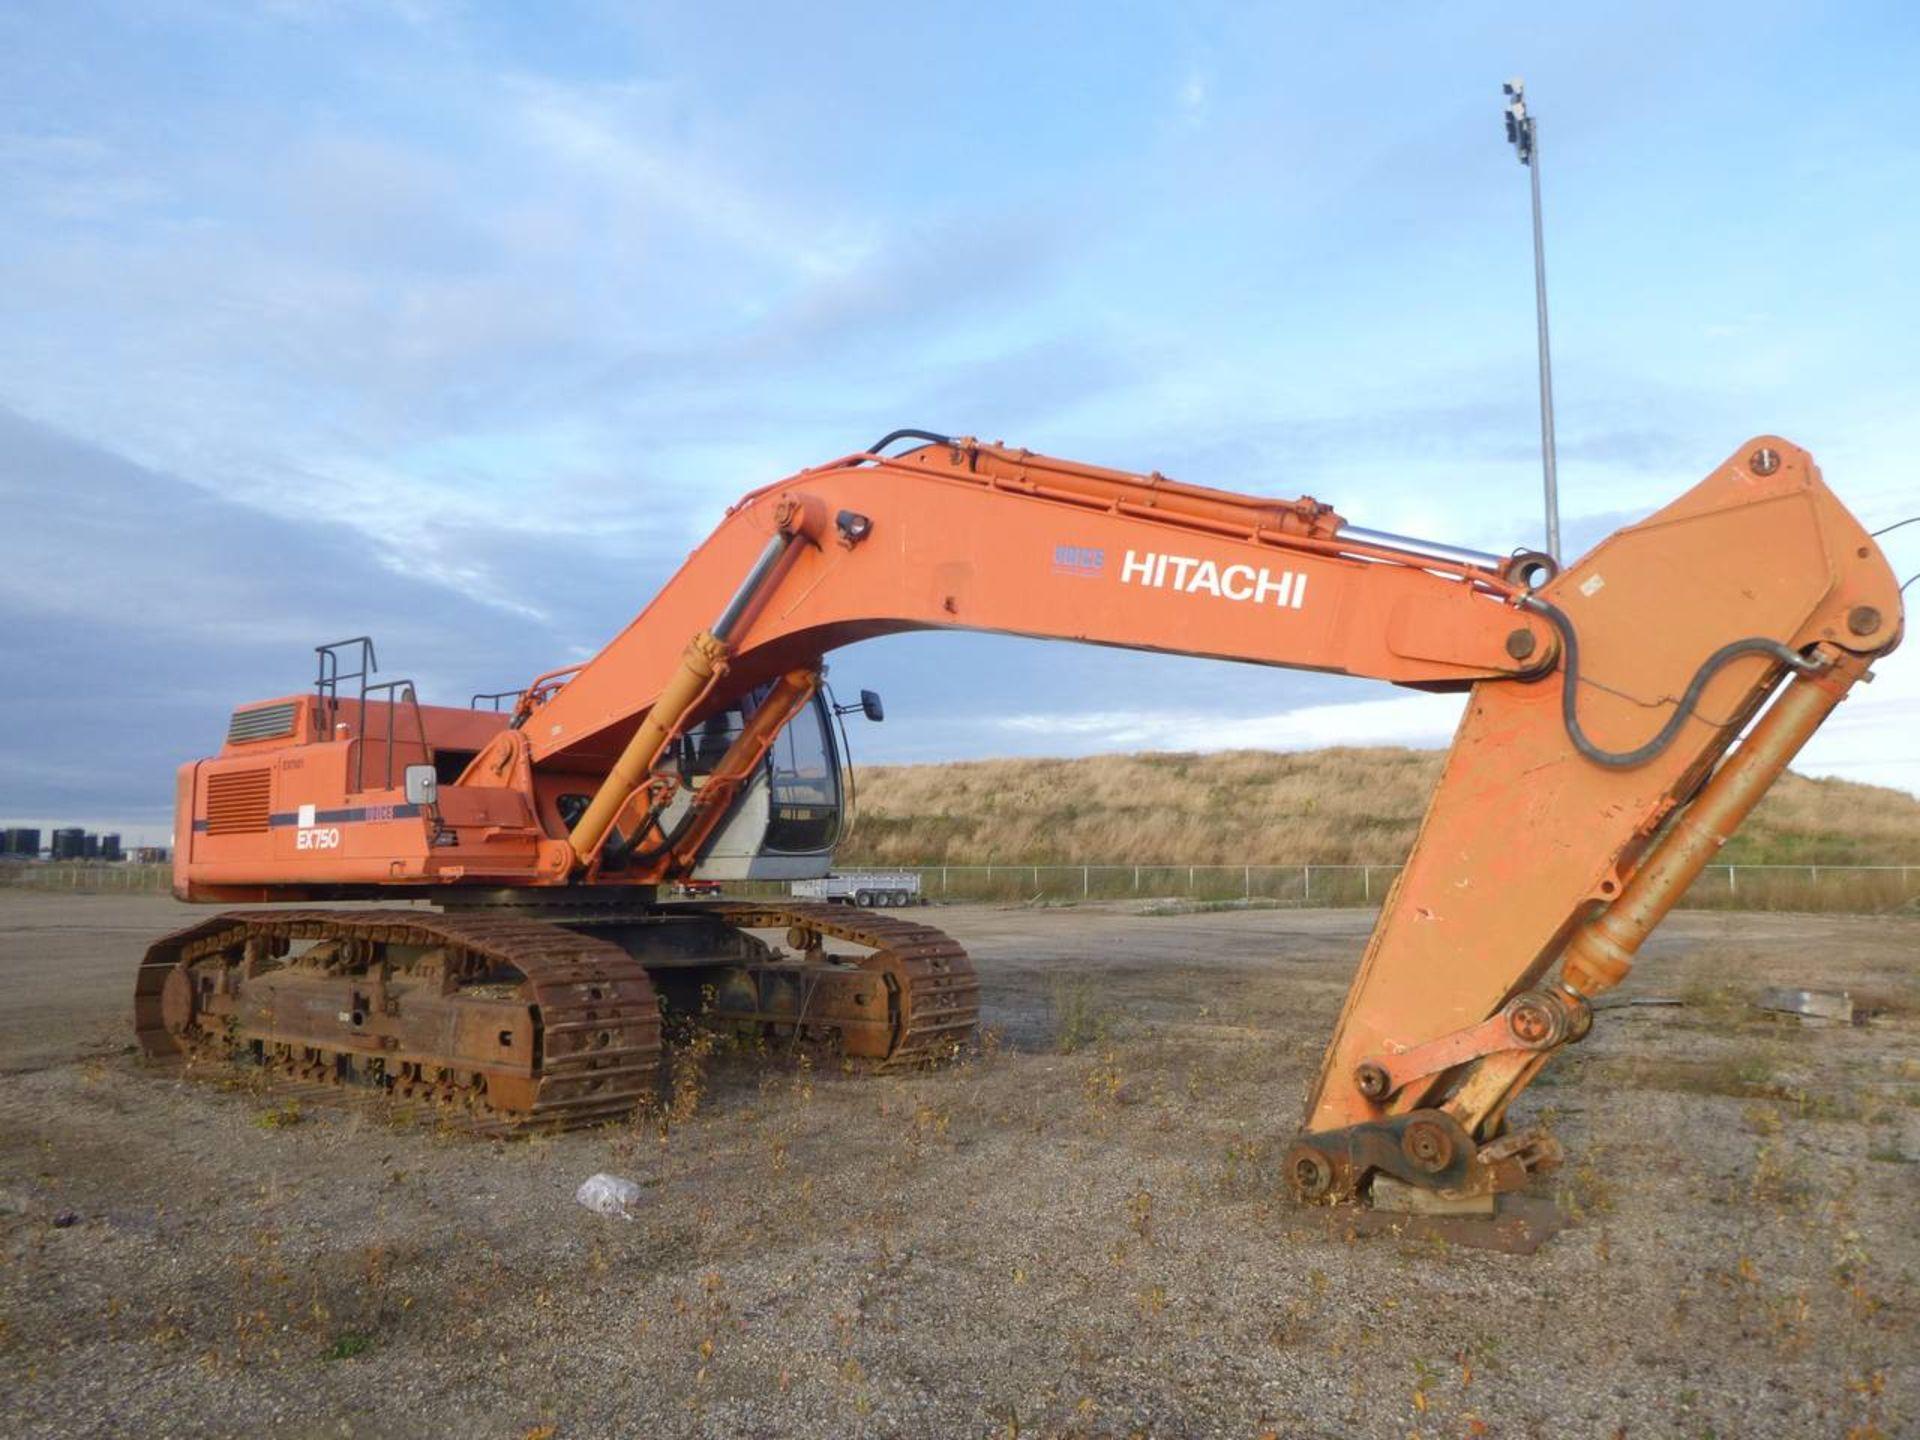 1997 Hitachi EX750-5 Excavator - Image 2 of 11